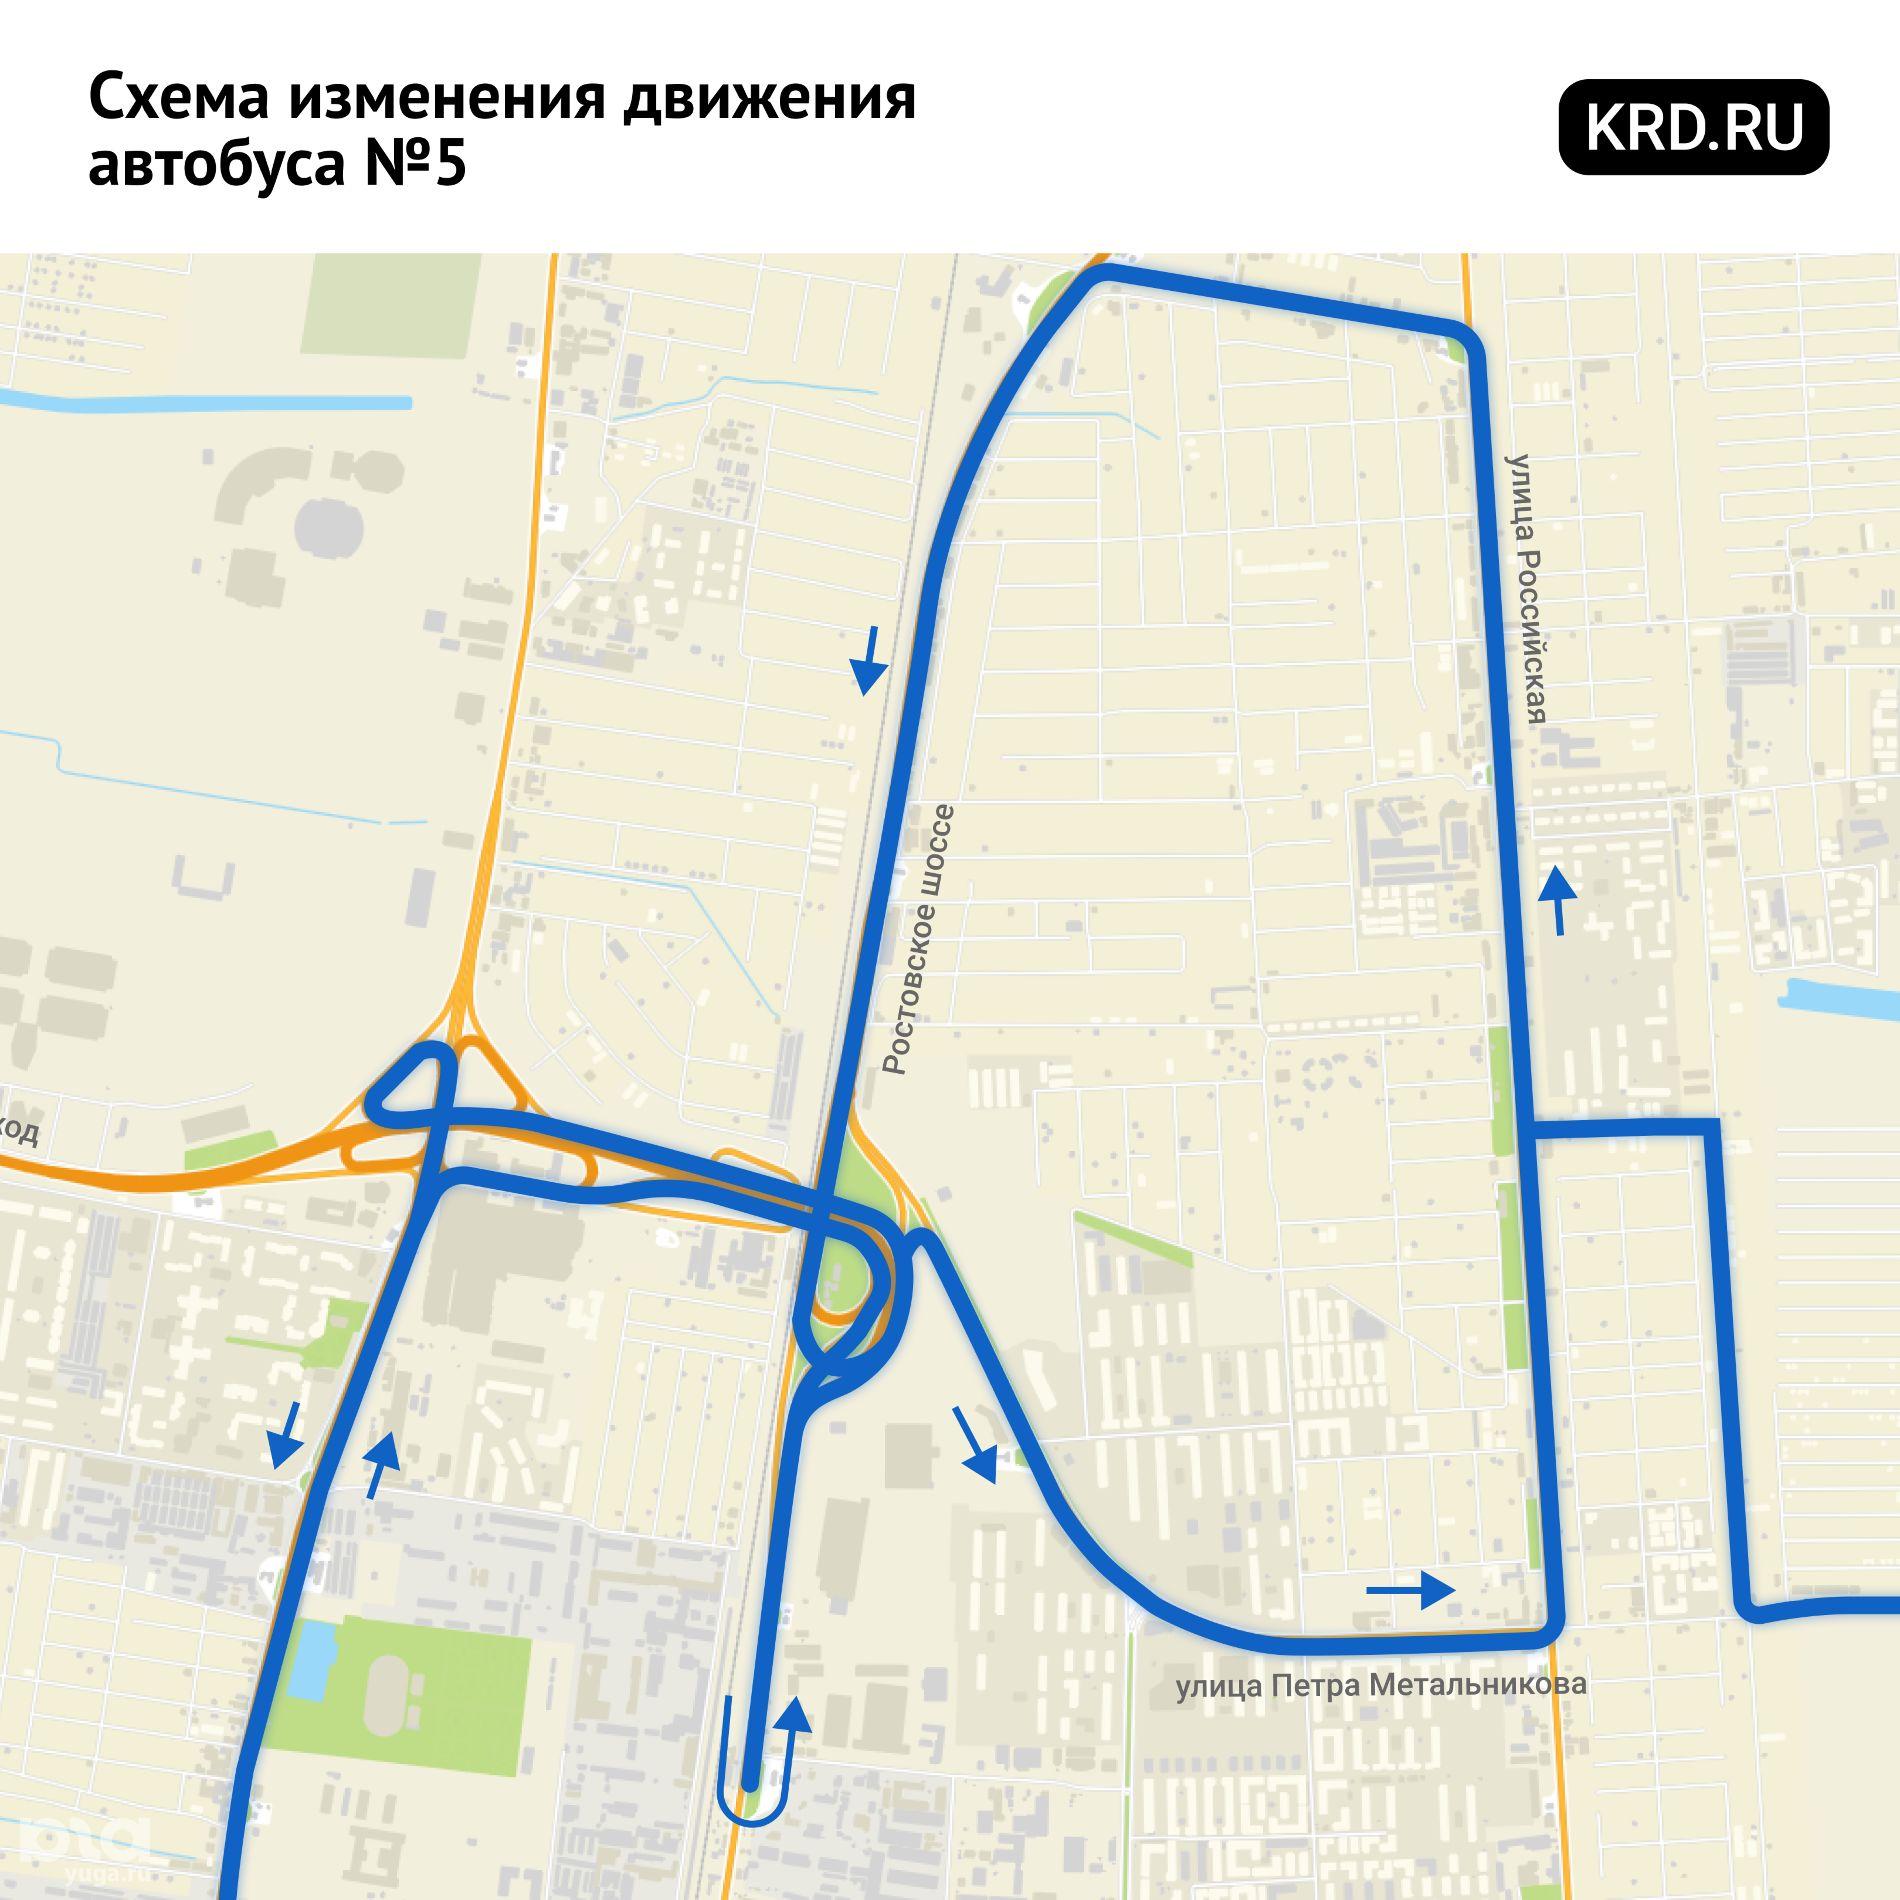 Схема маршрута автобуса № 5 «Ул. Командорская — автовокзал «Южный» 5–8 мая ©изображение пресс-службы администрации Краснодара